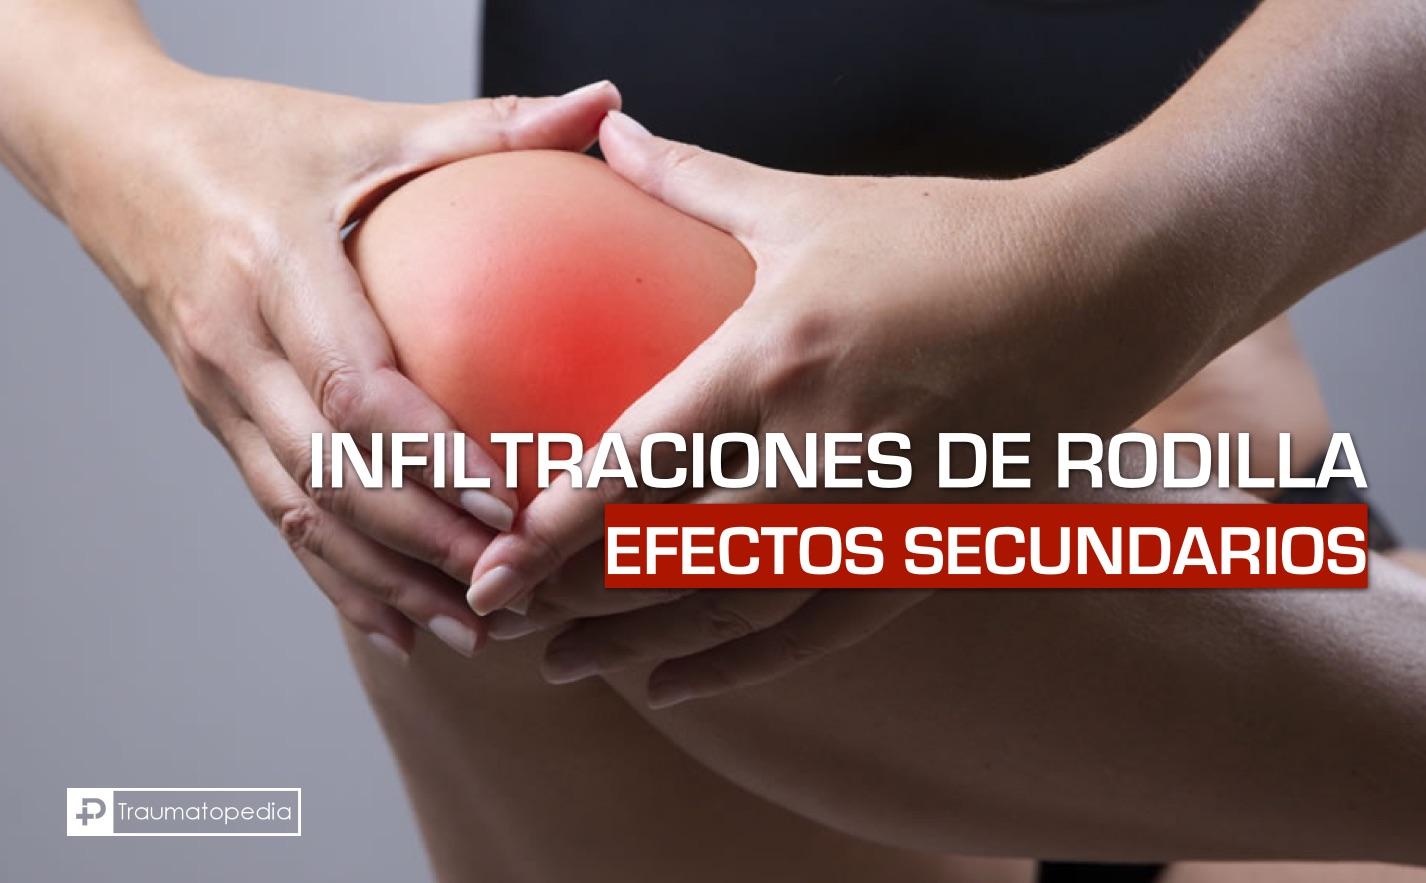 Infiltraciones de rodilla efectos secundarios